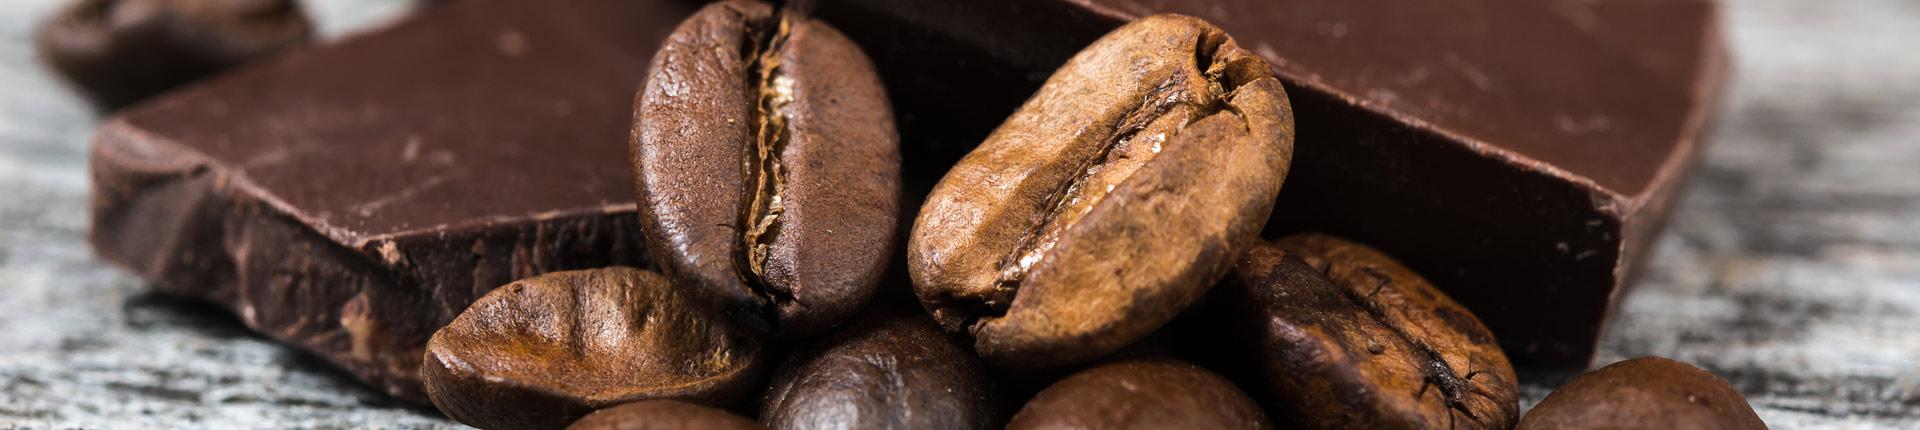 Coffilove - wyjątkowa kawa w wyjątkowej czekoladzie